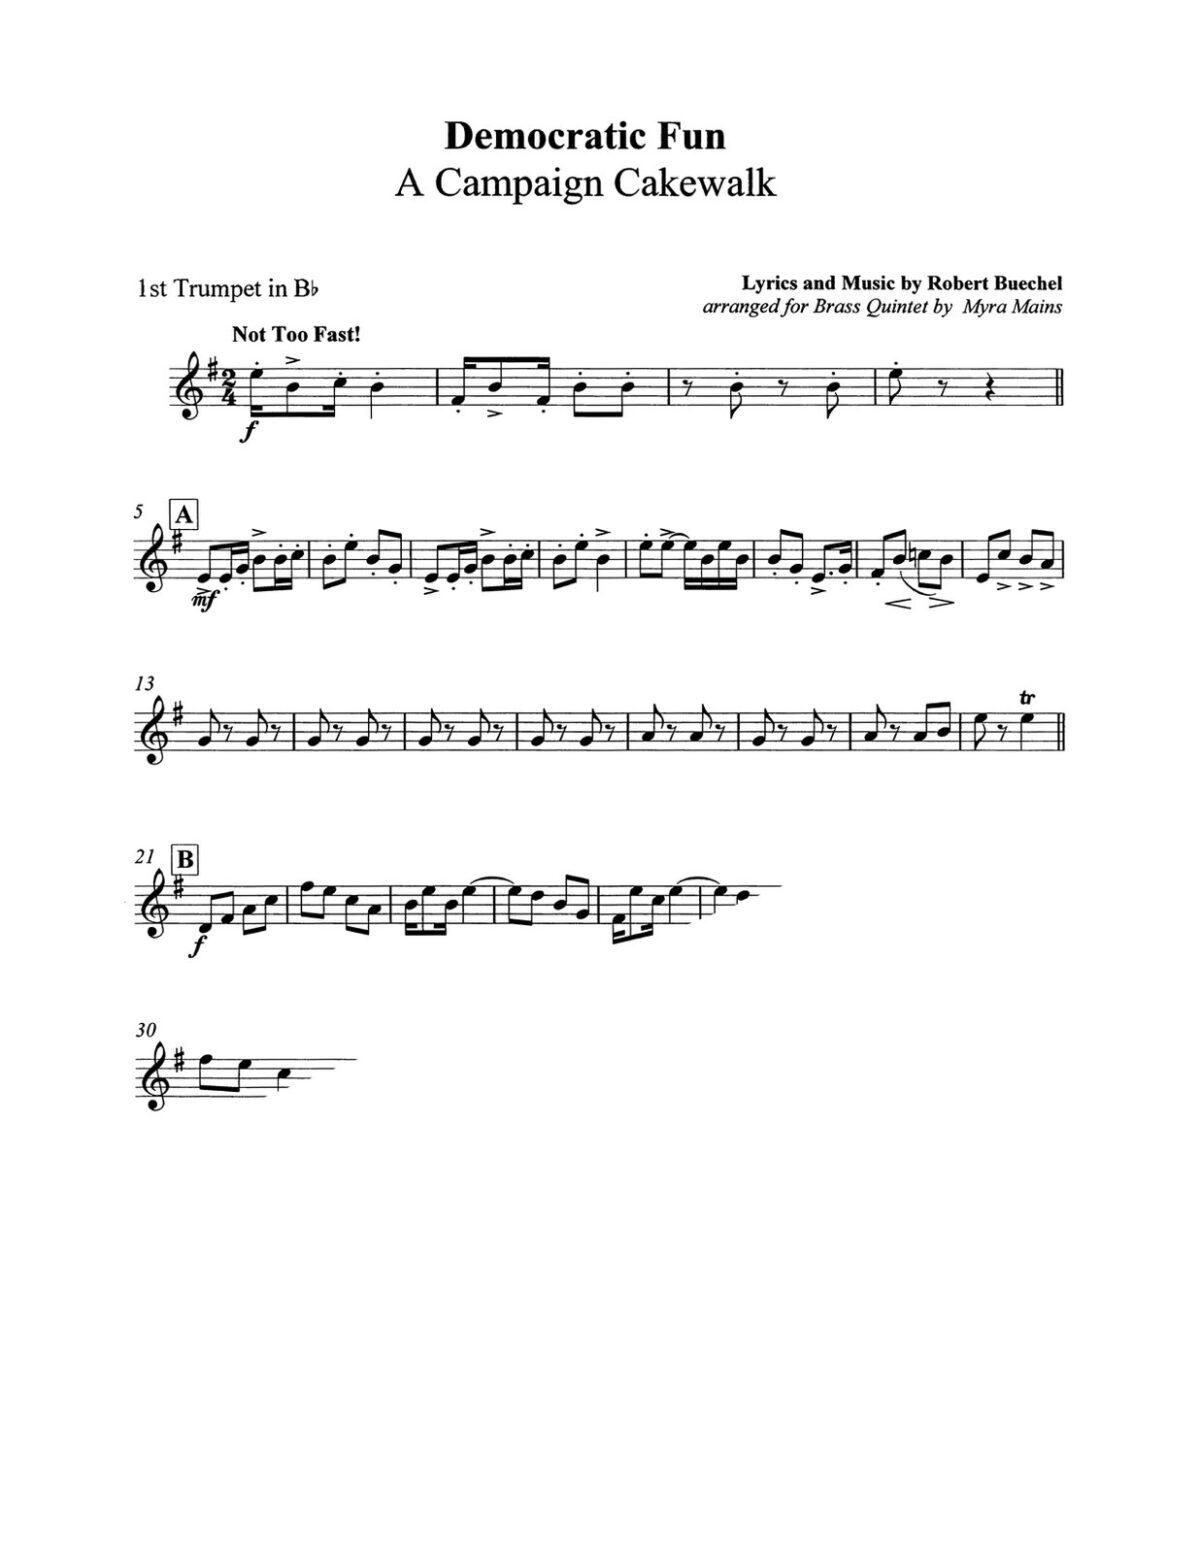 Buechel arr Mains, Democratic Fun A Campaign Cakewalk brass quintet-p3-p1